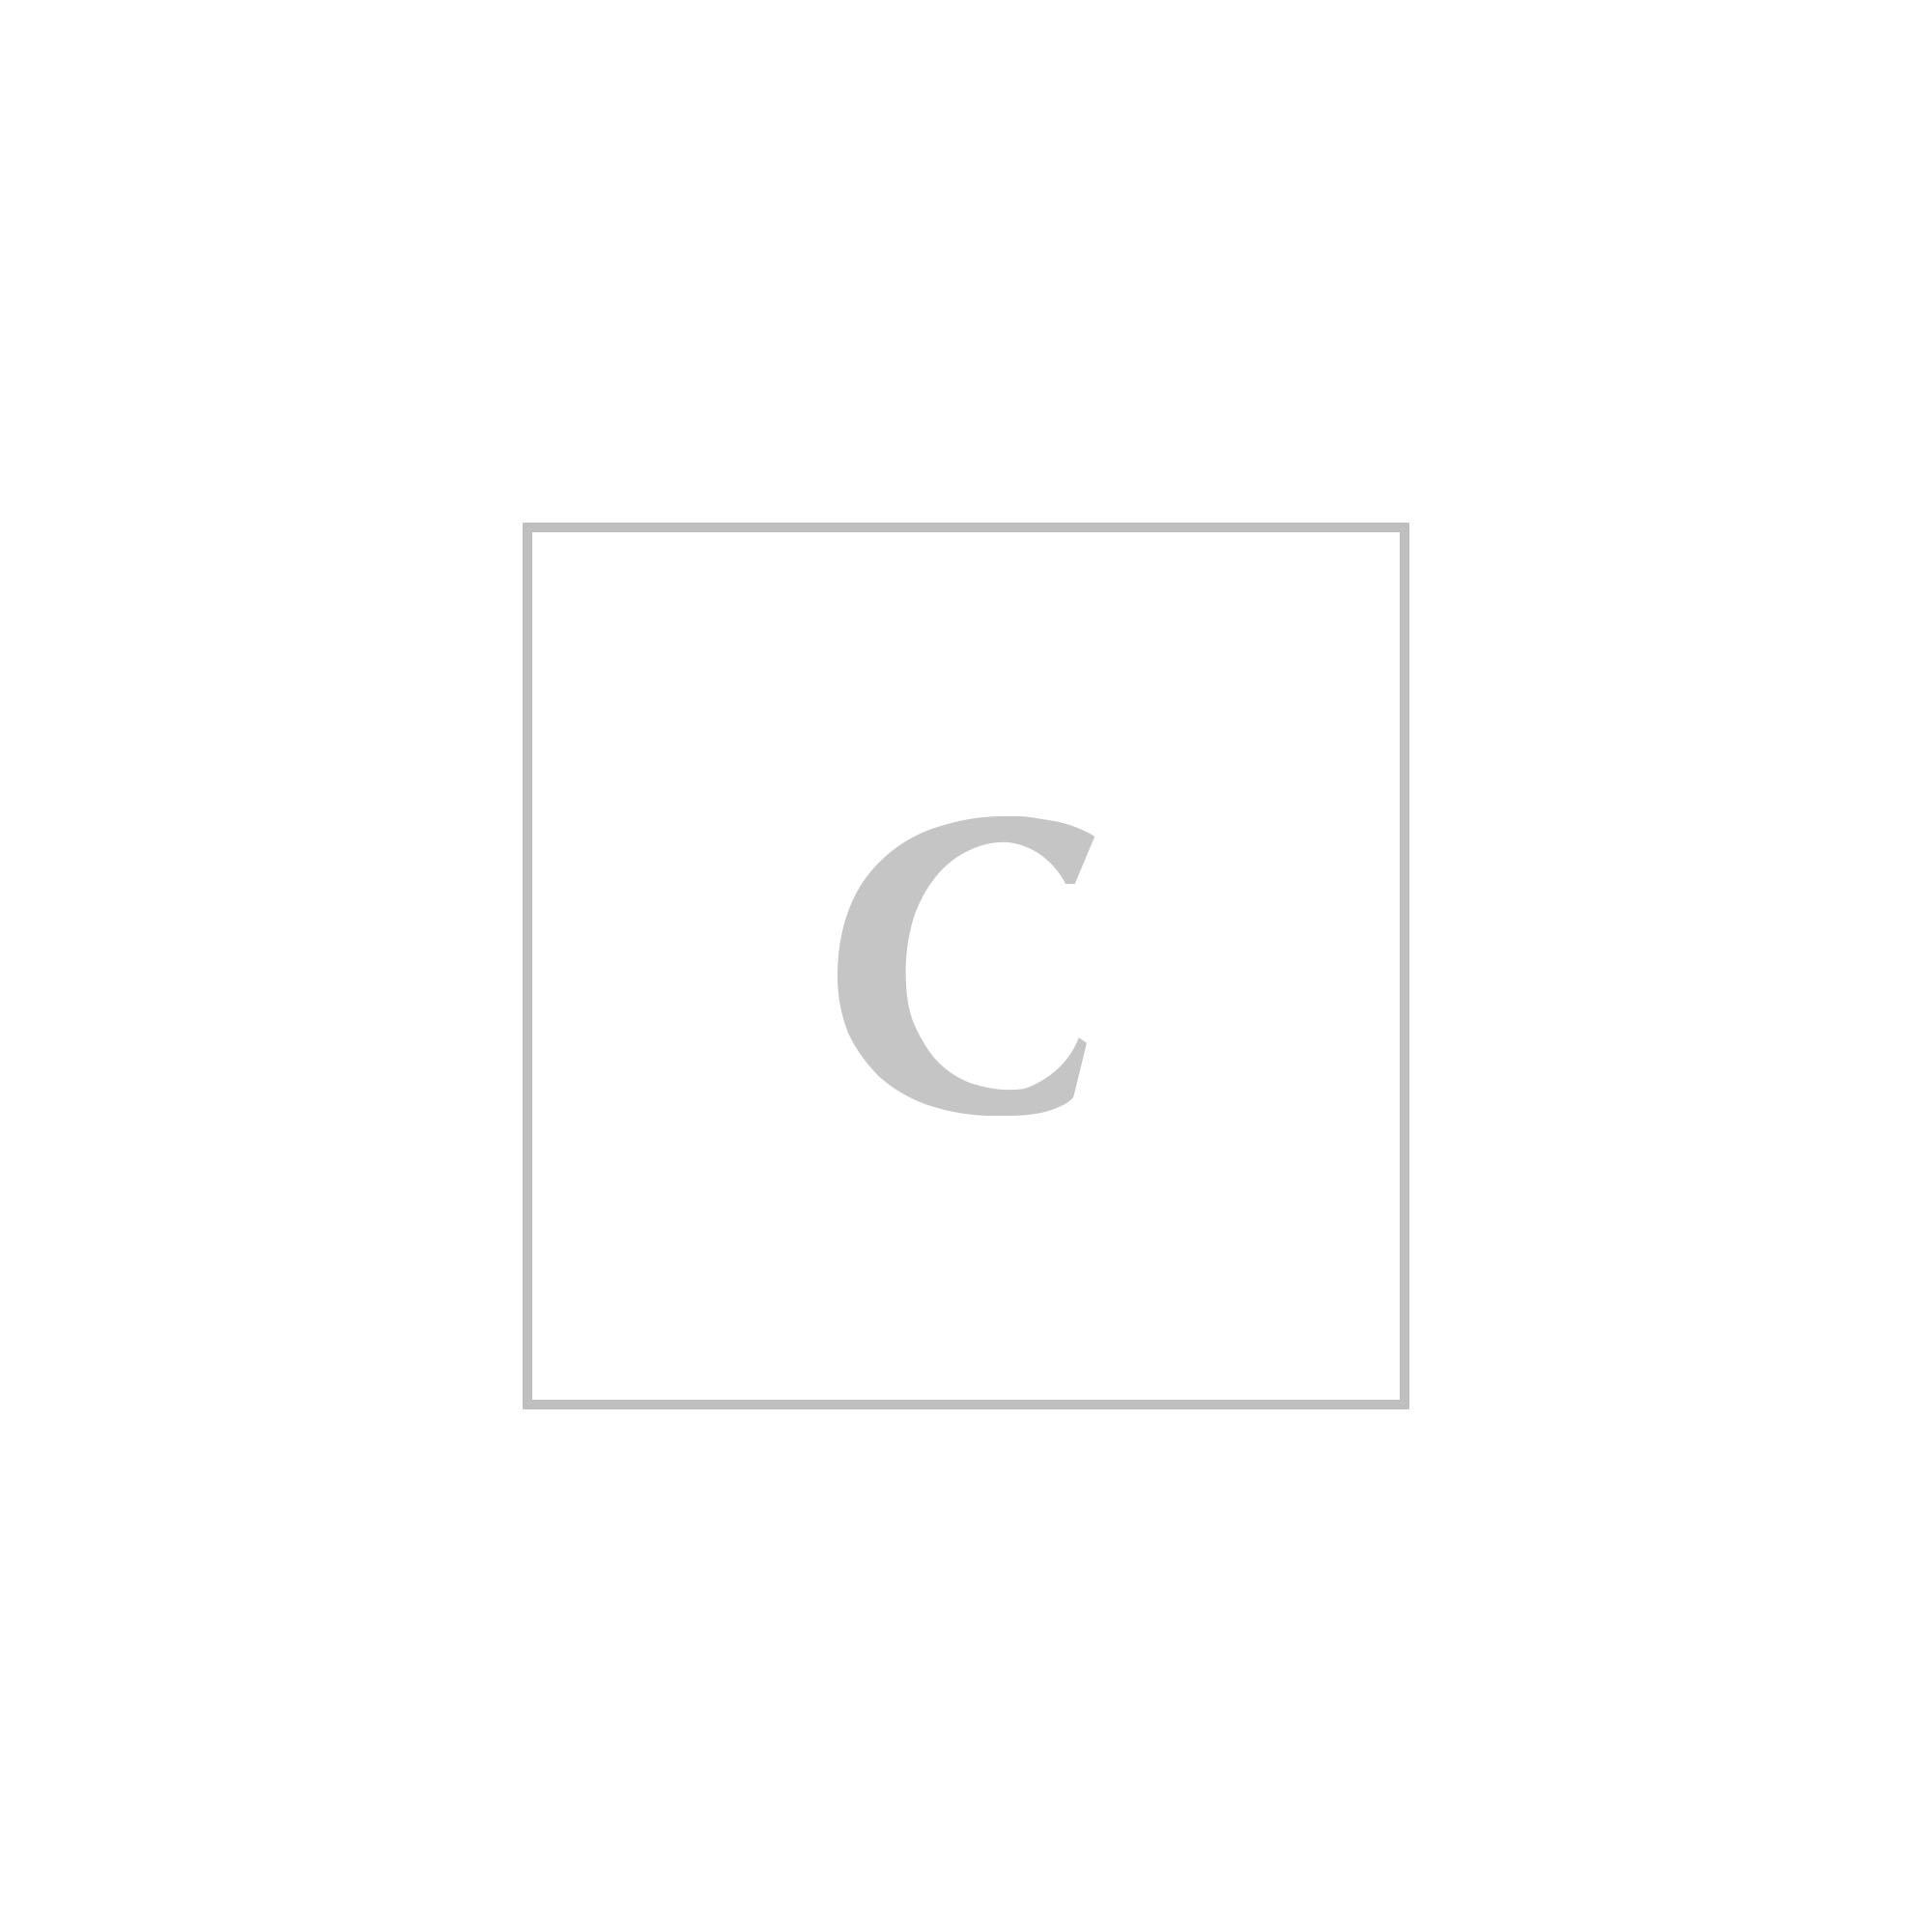 stella mccartney accessories women logo zip-around wallet